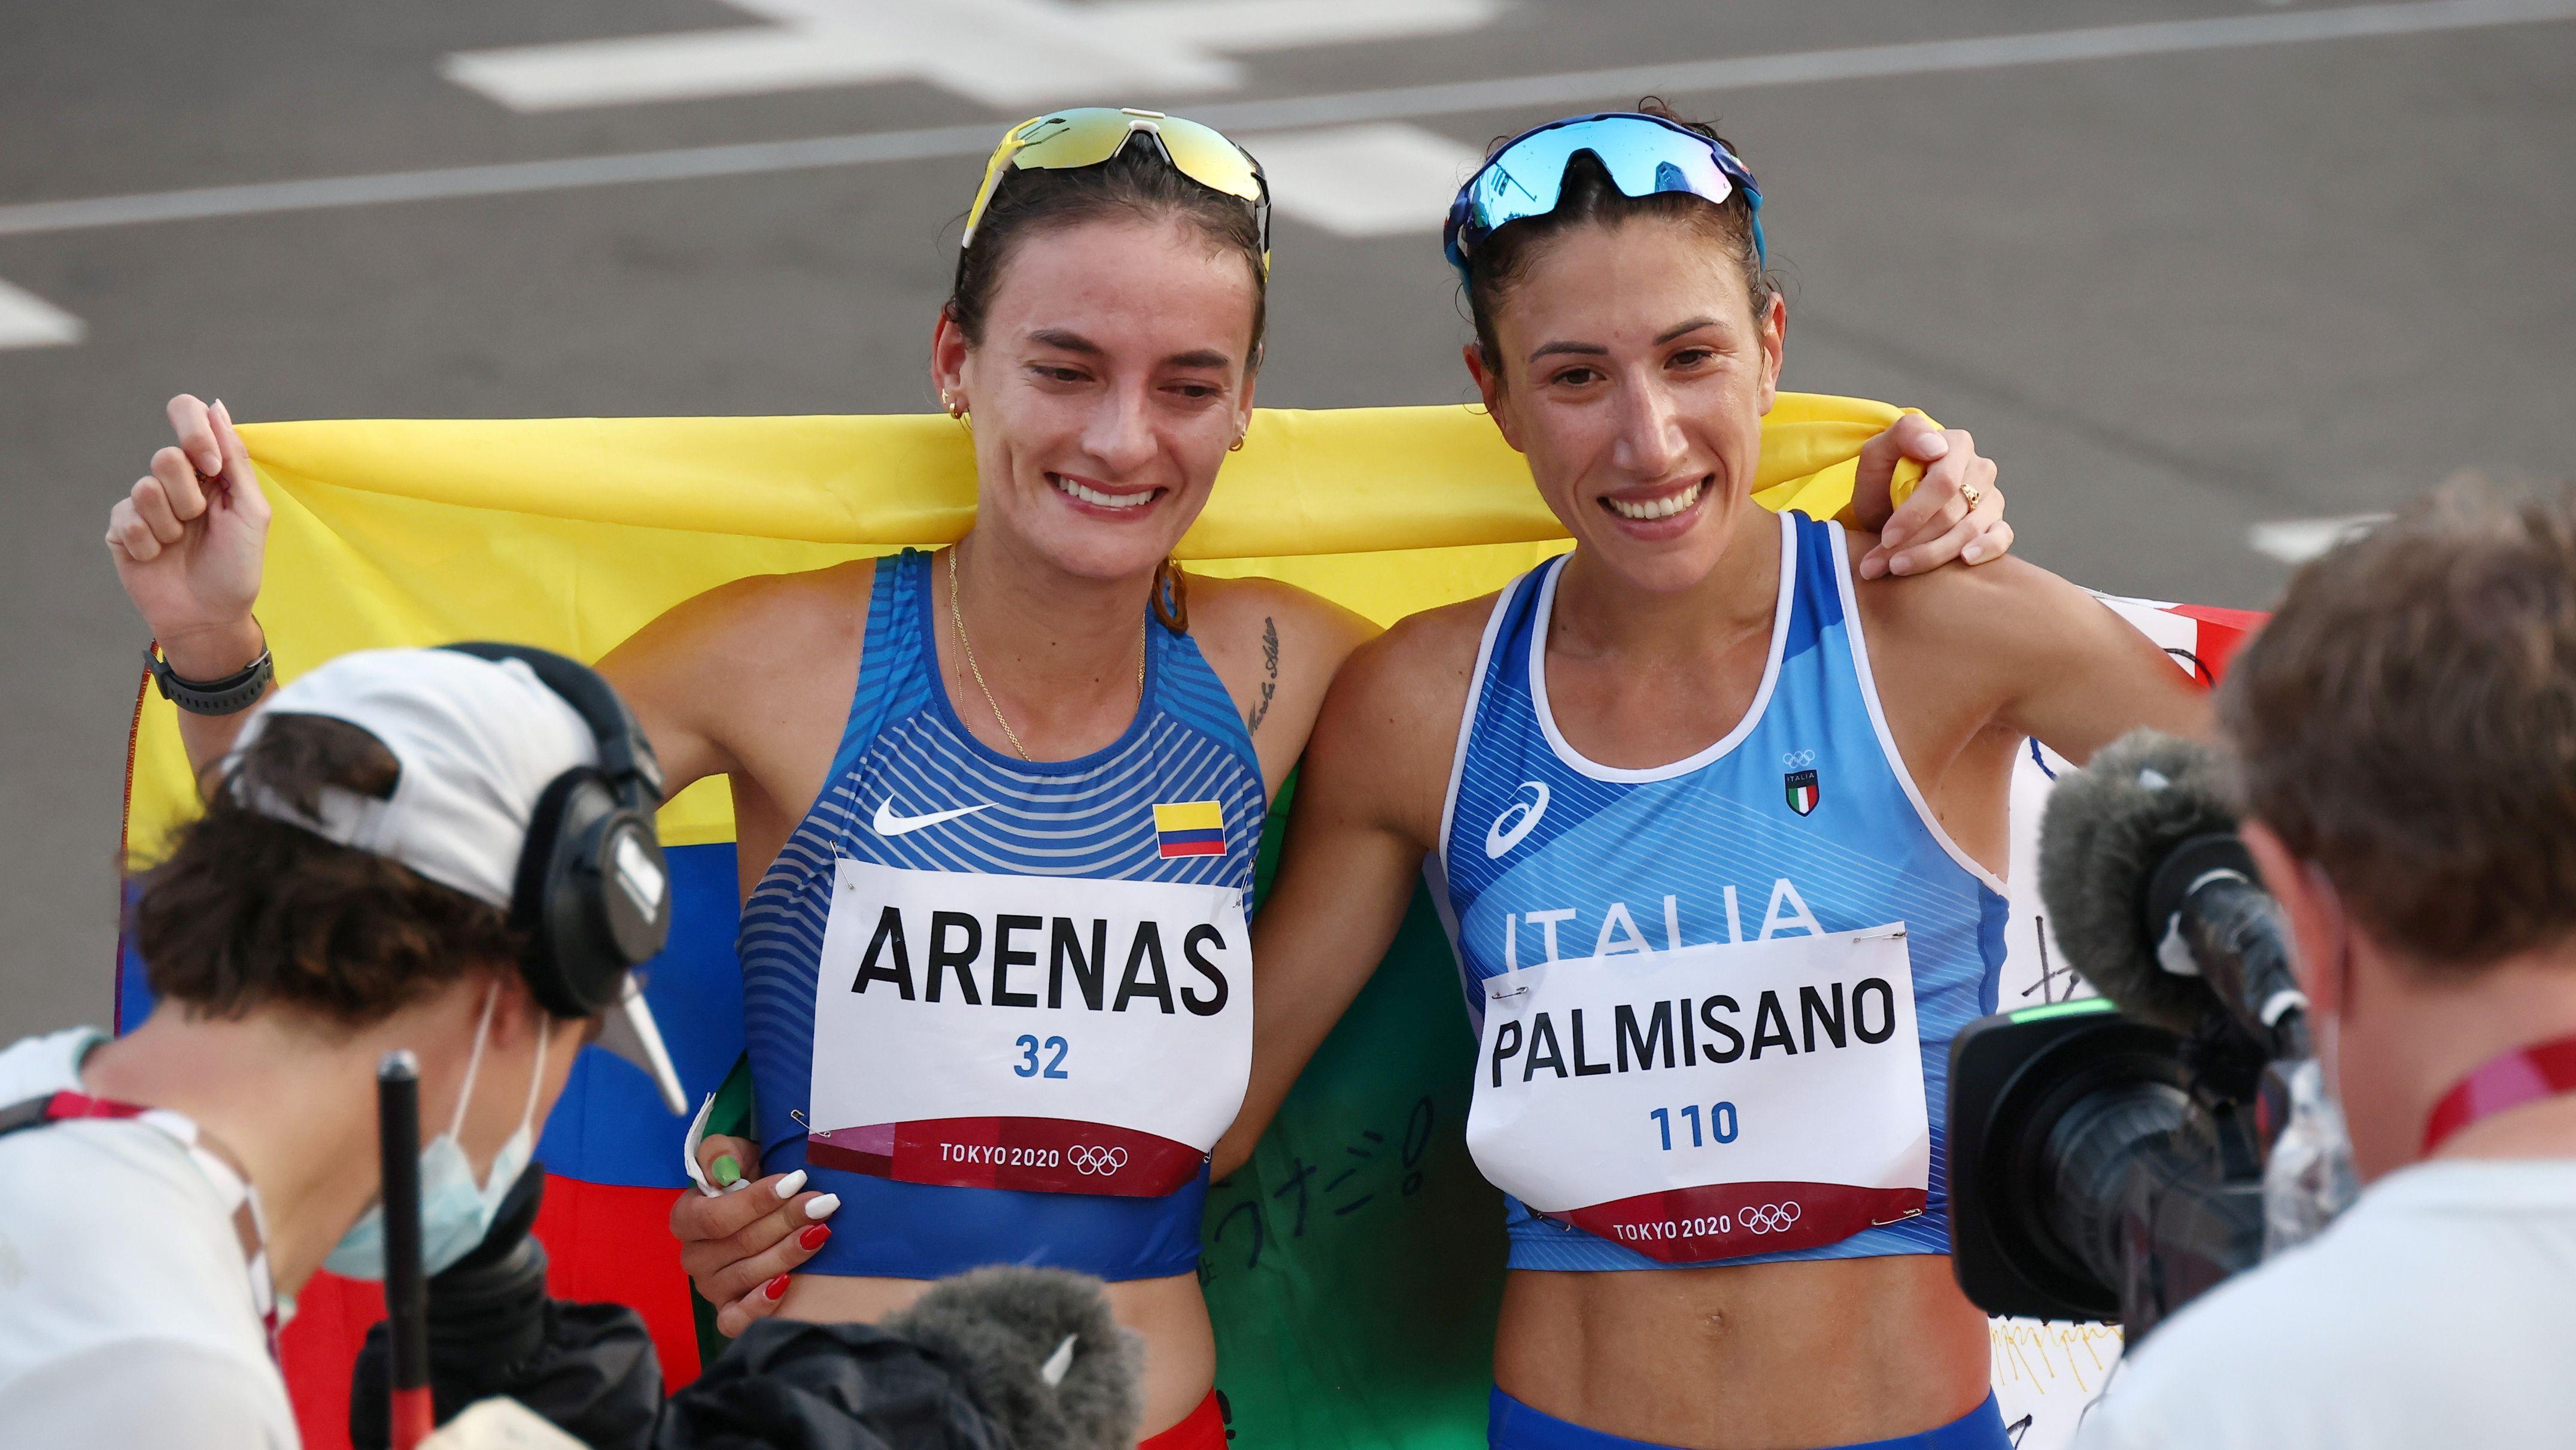 ¿Por qué no le entregaron la medalla a Sandra Arenas en marcha de los Olímpicos?